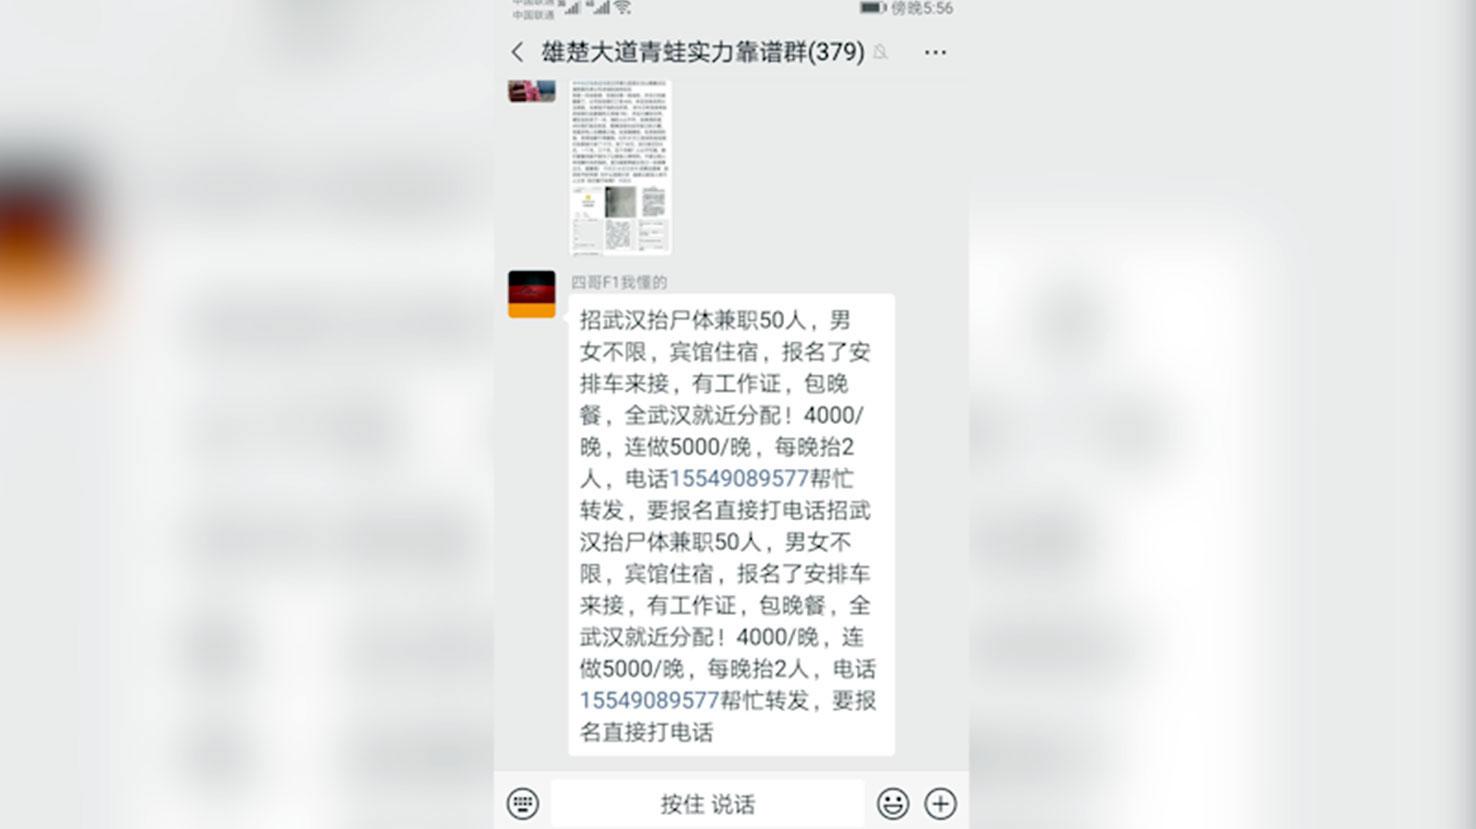 武汉殡仪馆高薪招聘尸体搬运工。(志愿者提供/记者乔龙)